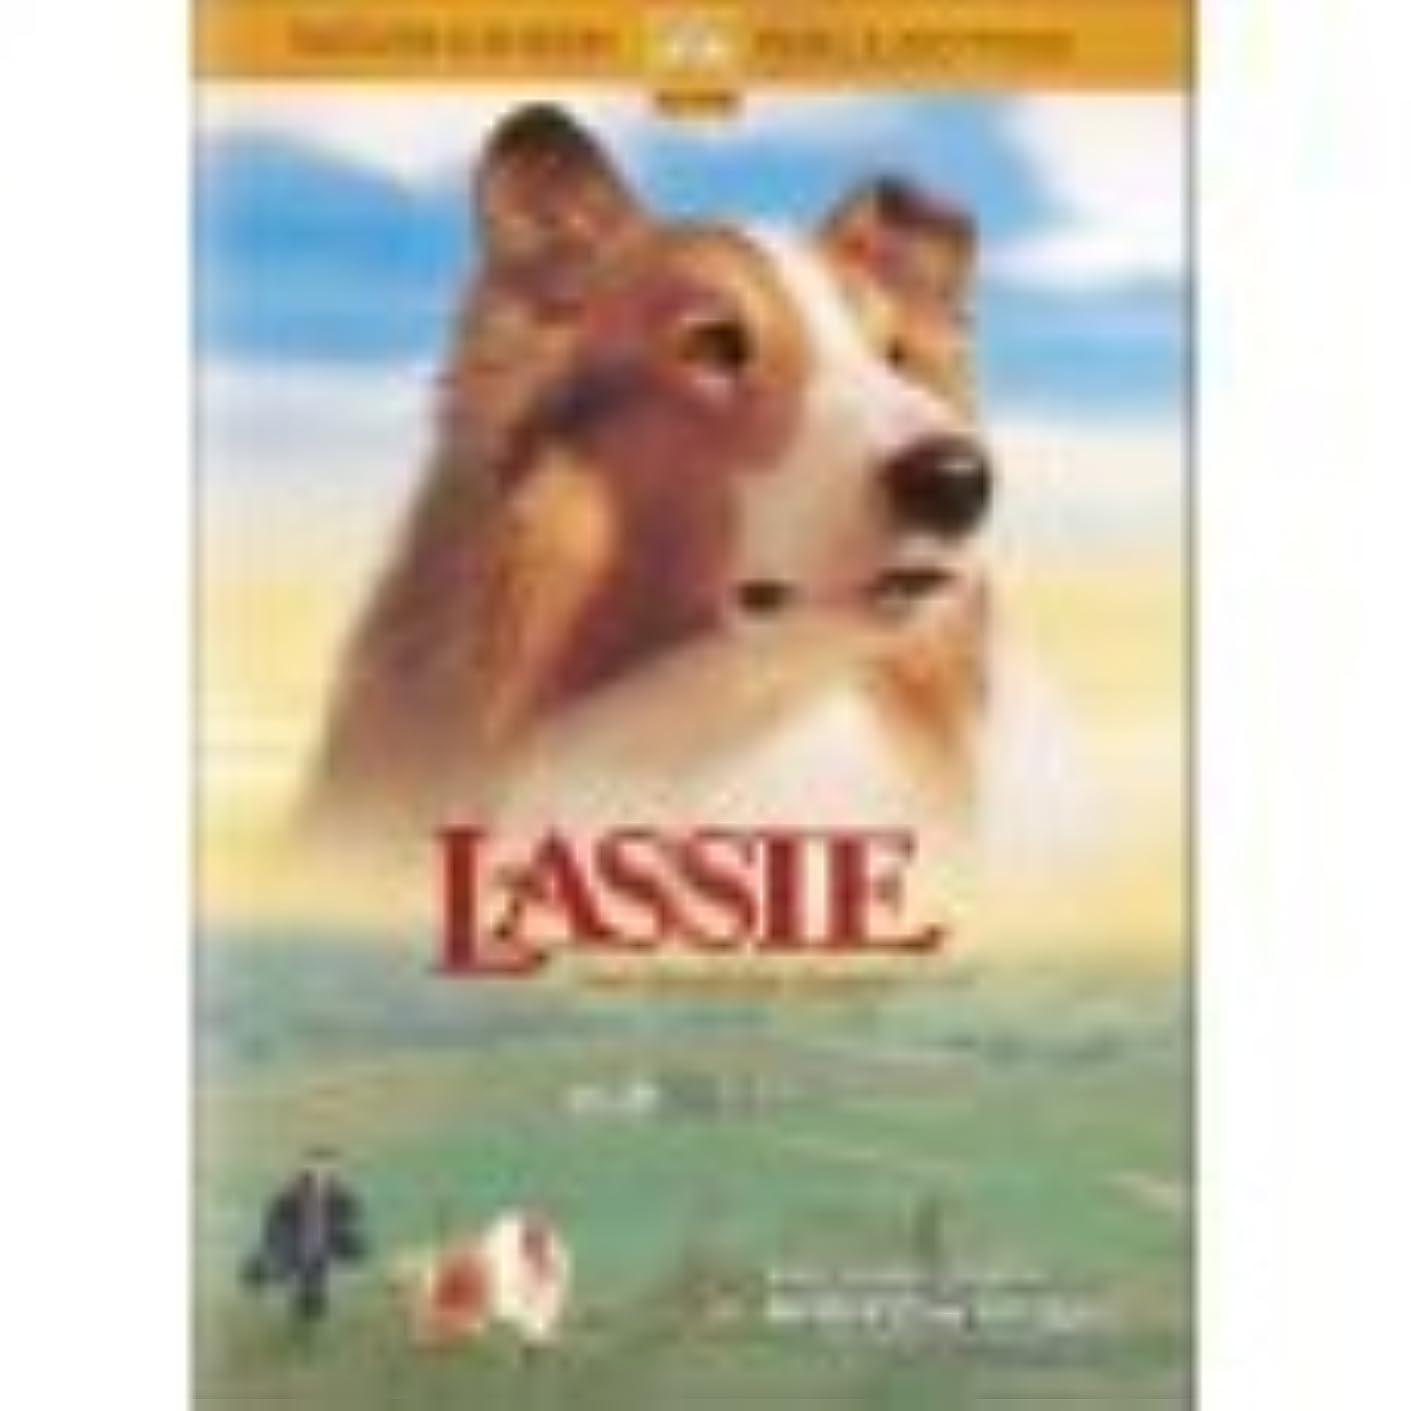 十二甘くする信じるLassie-Dvd